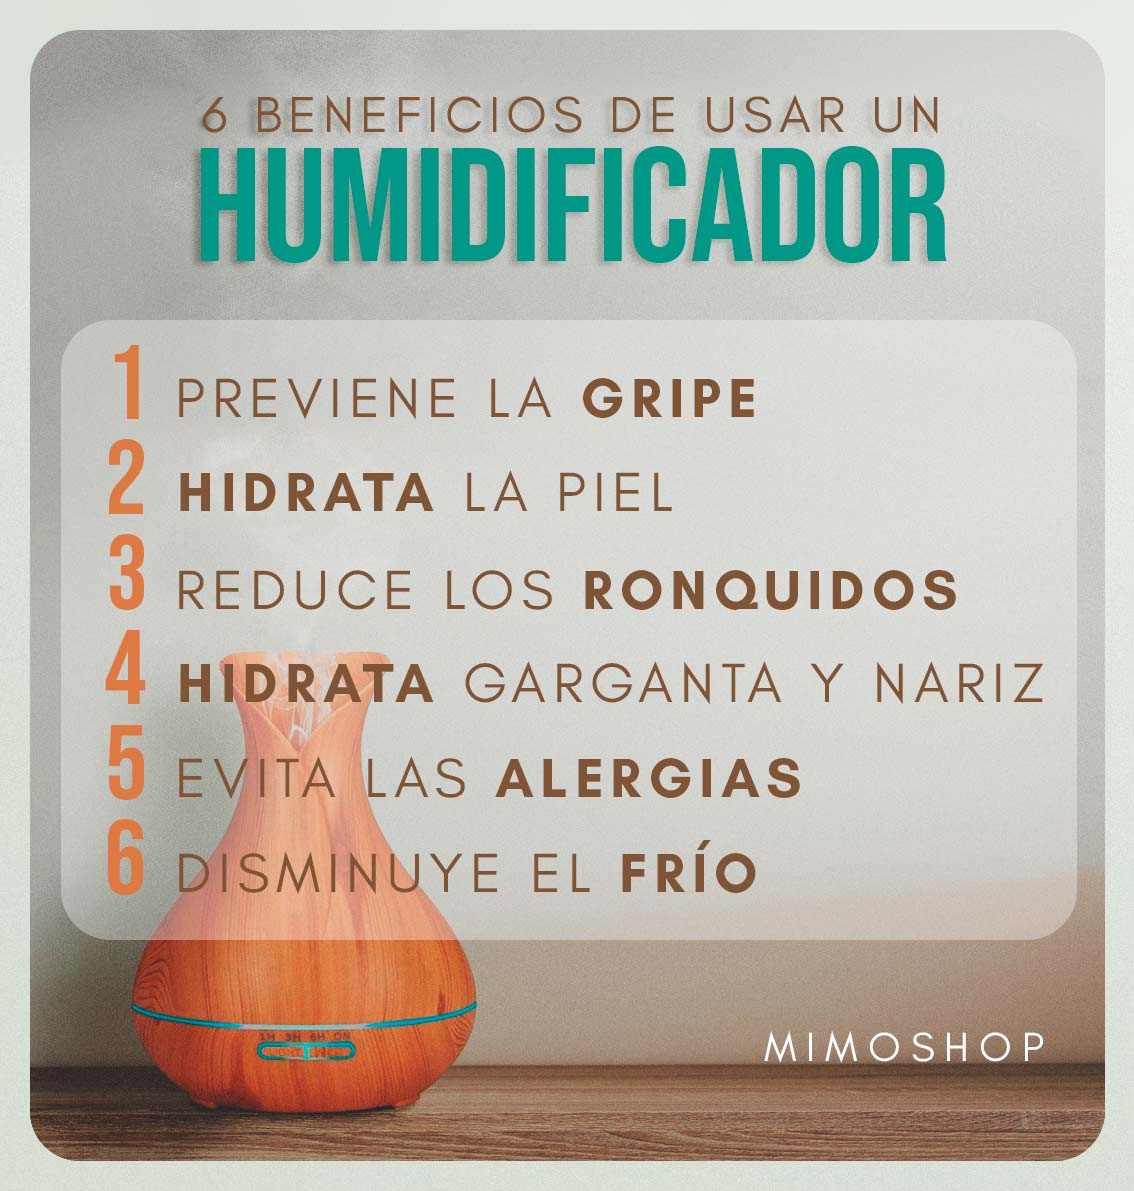 infografia con los 6 beneficios de utilizar un humidificador